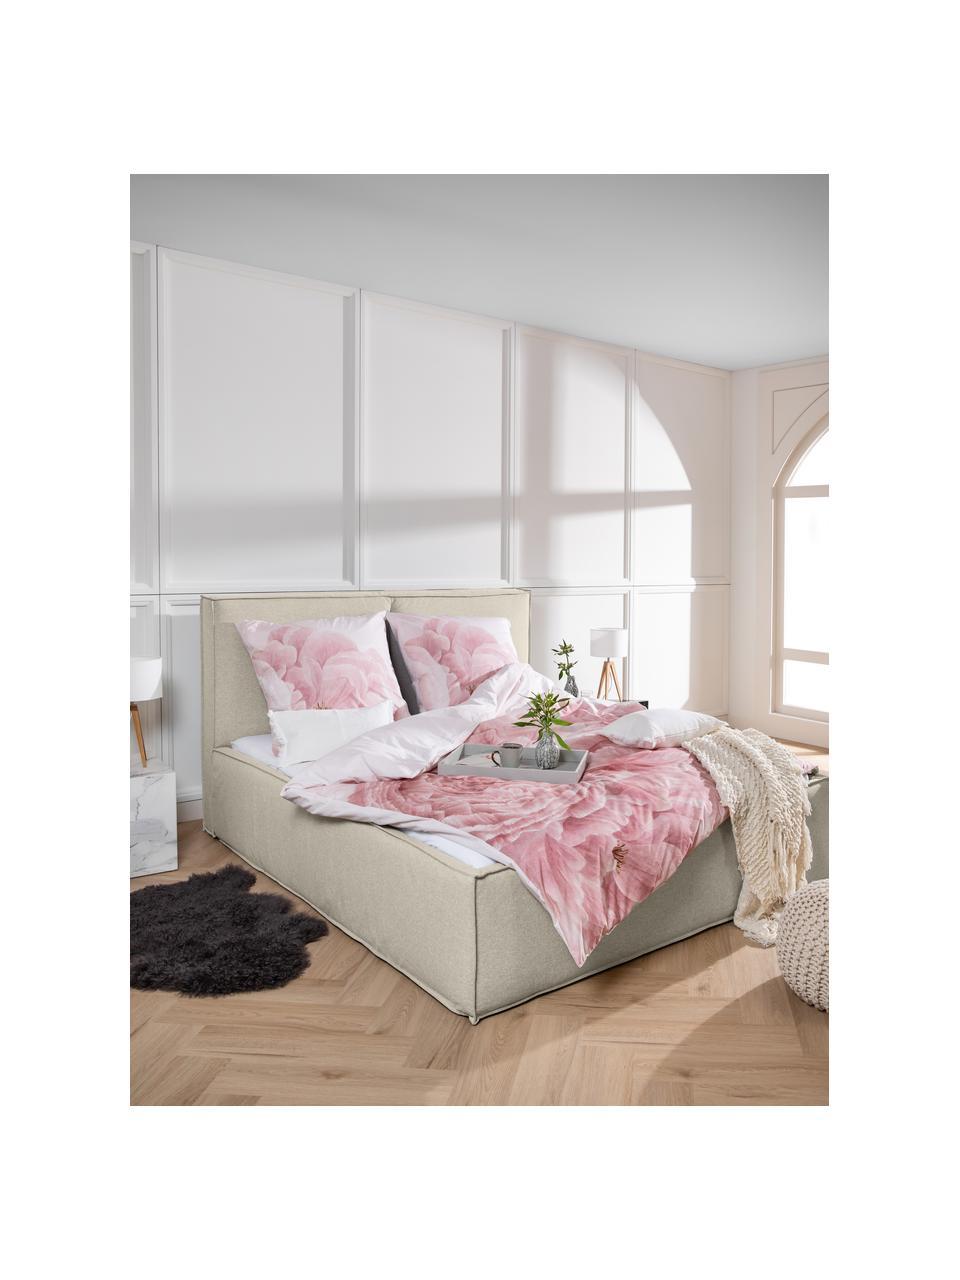 Letto imbottito in tessuto beige scuro Dream, Rivestimento: 100% poliestere Il rivest, Tessuto taupe, 180 x 200 cm